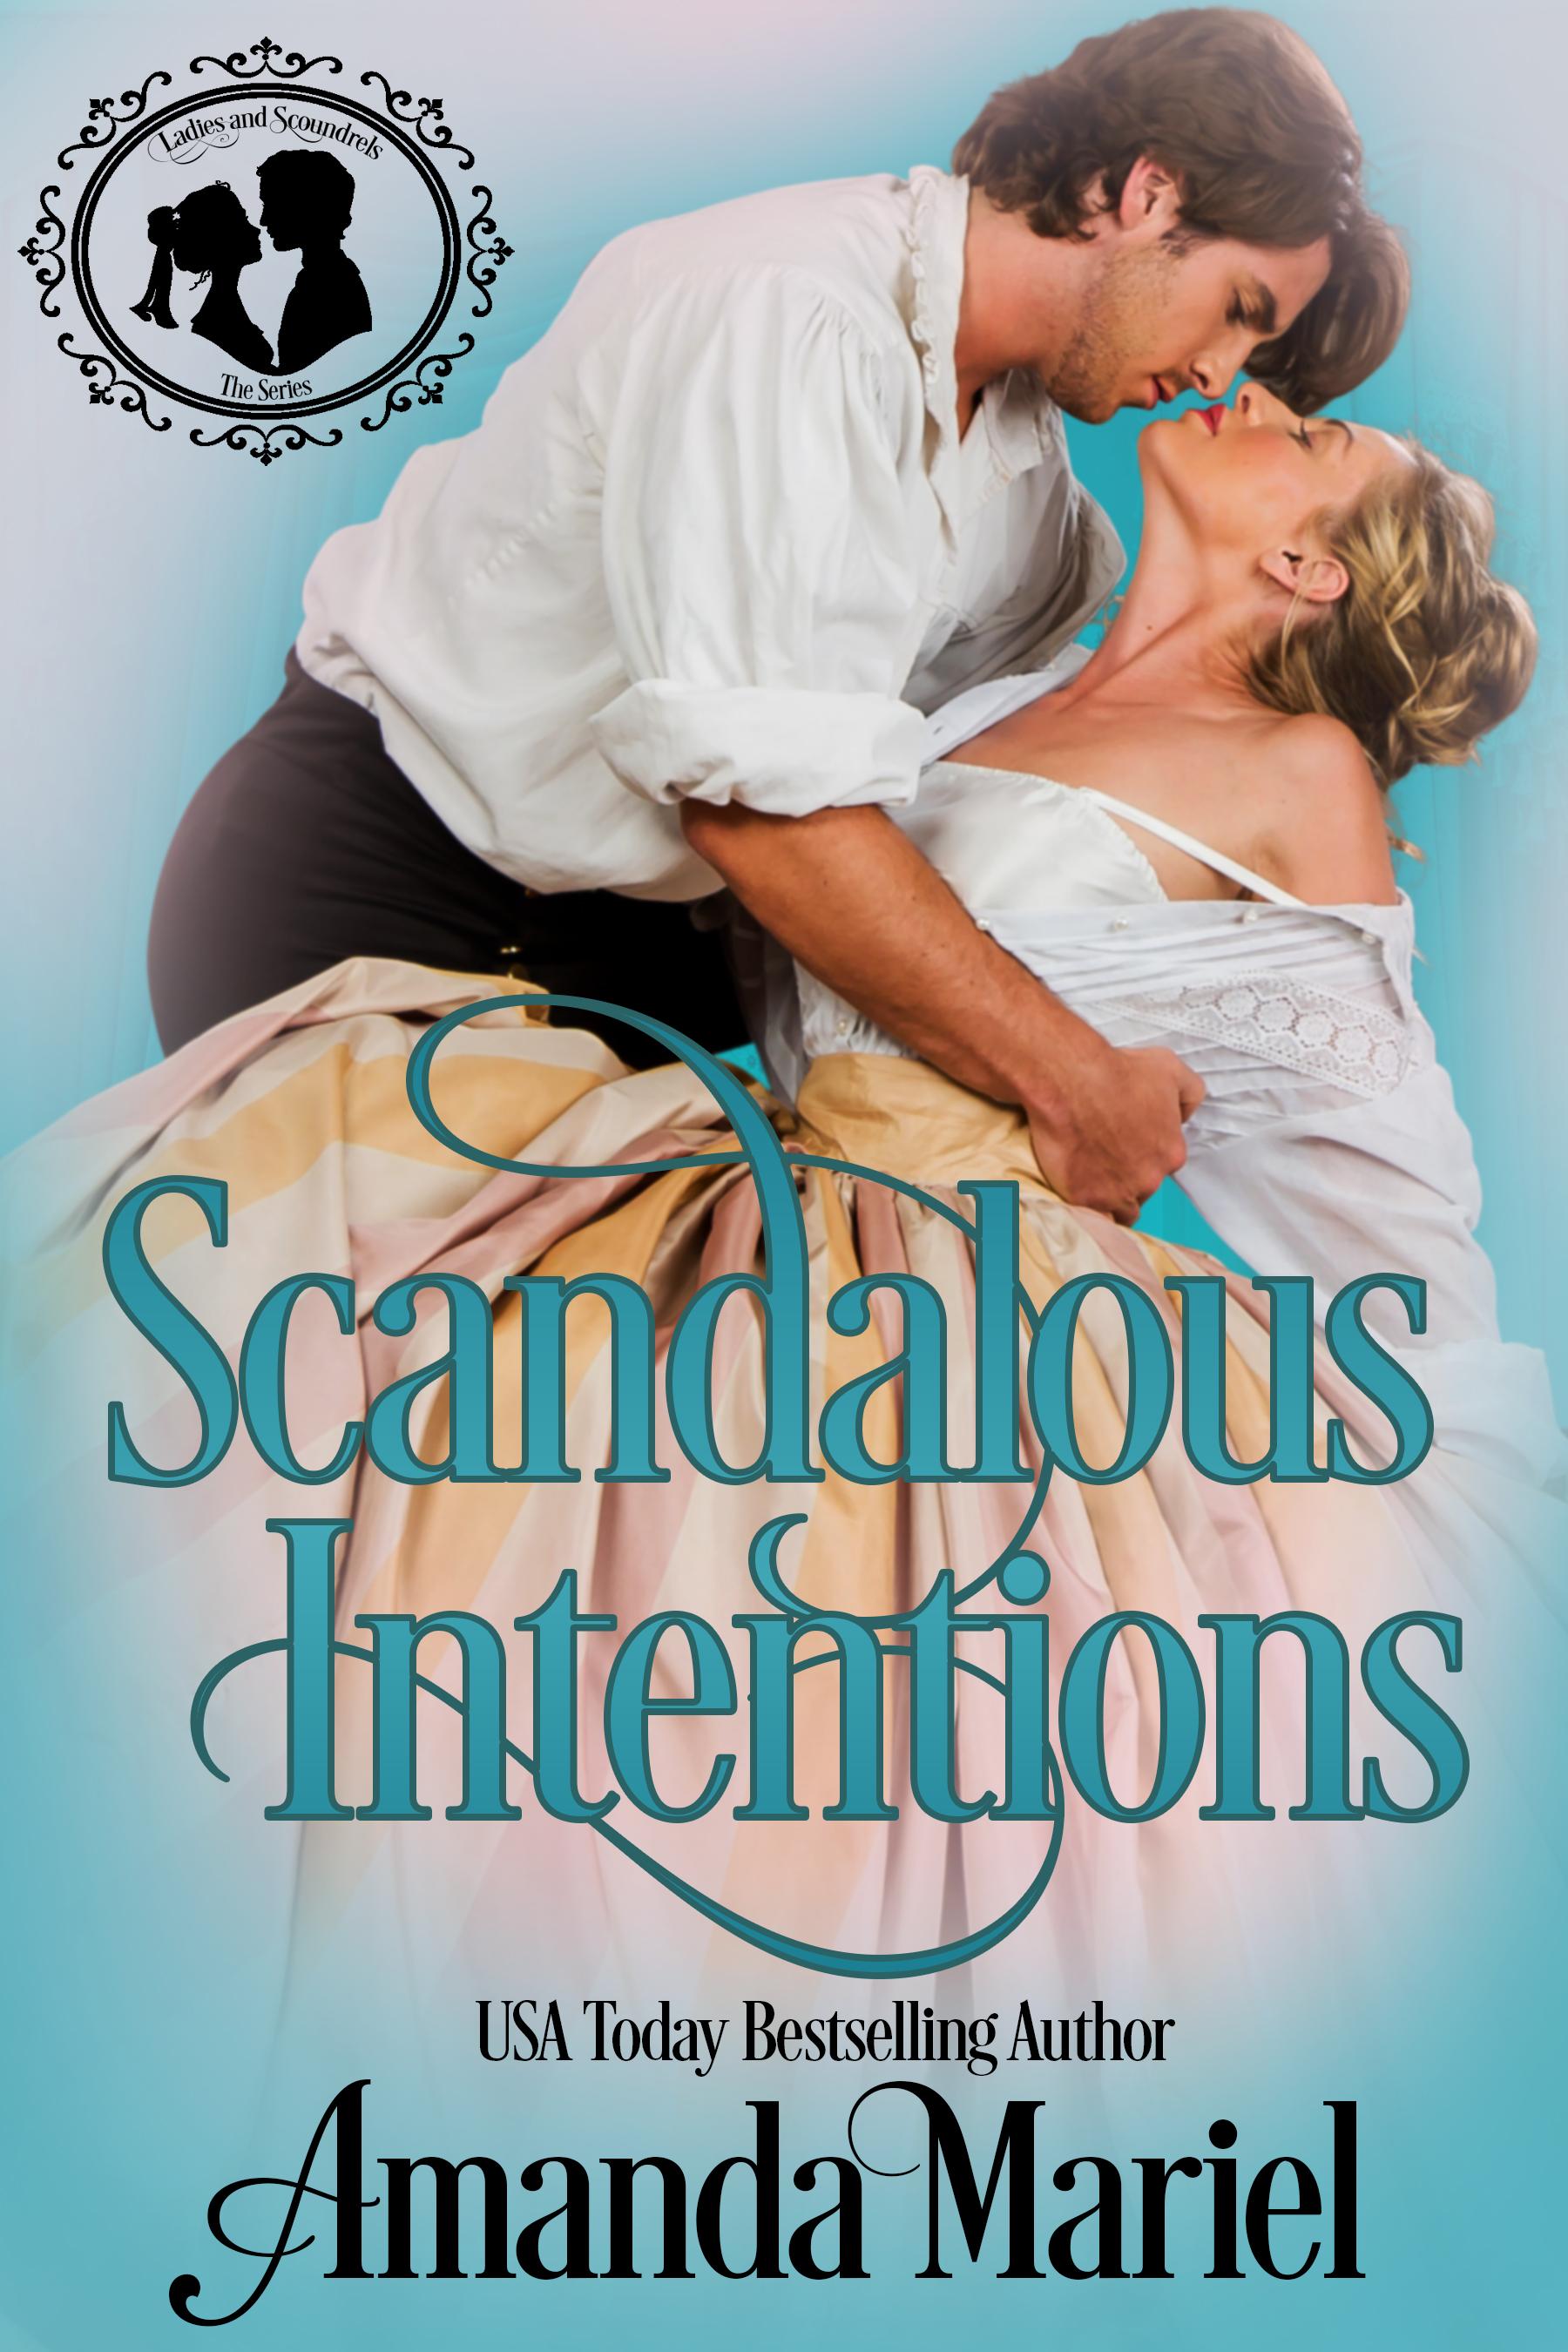 Scandalous intentions